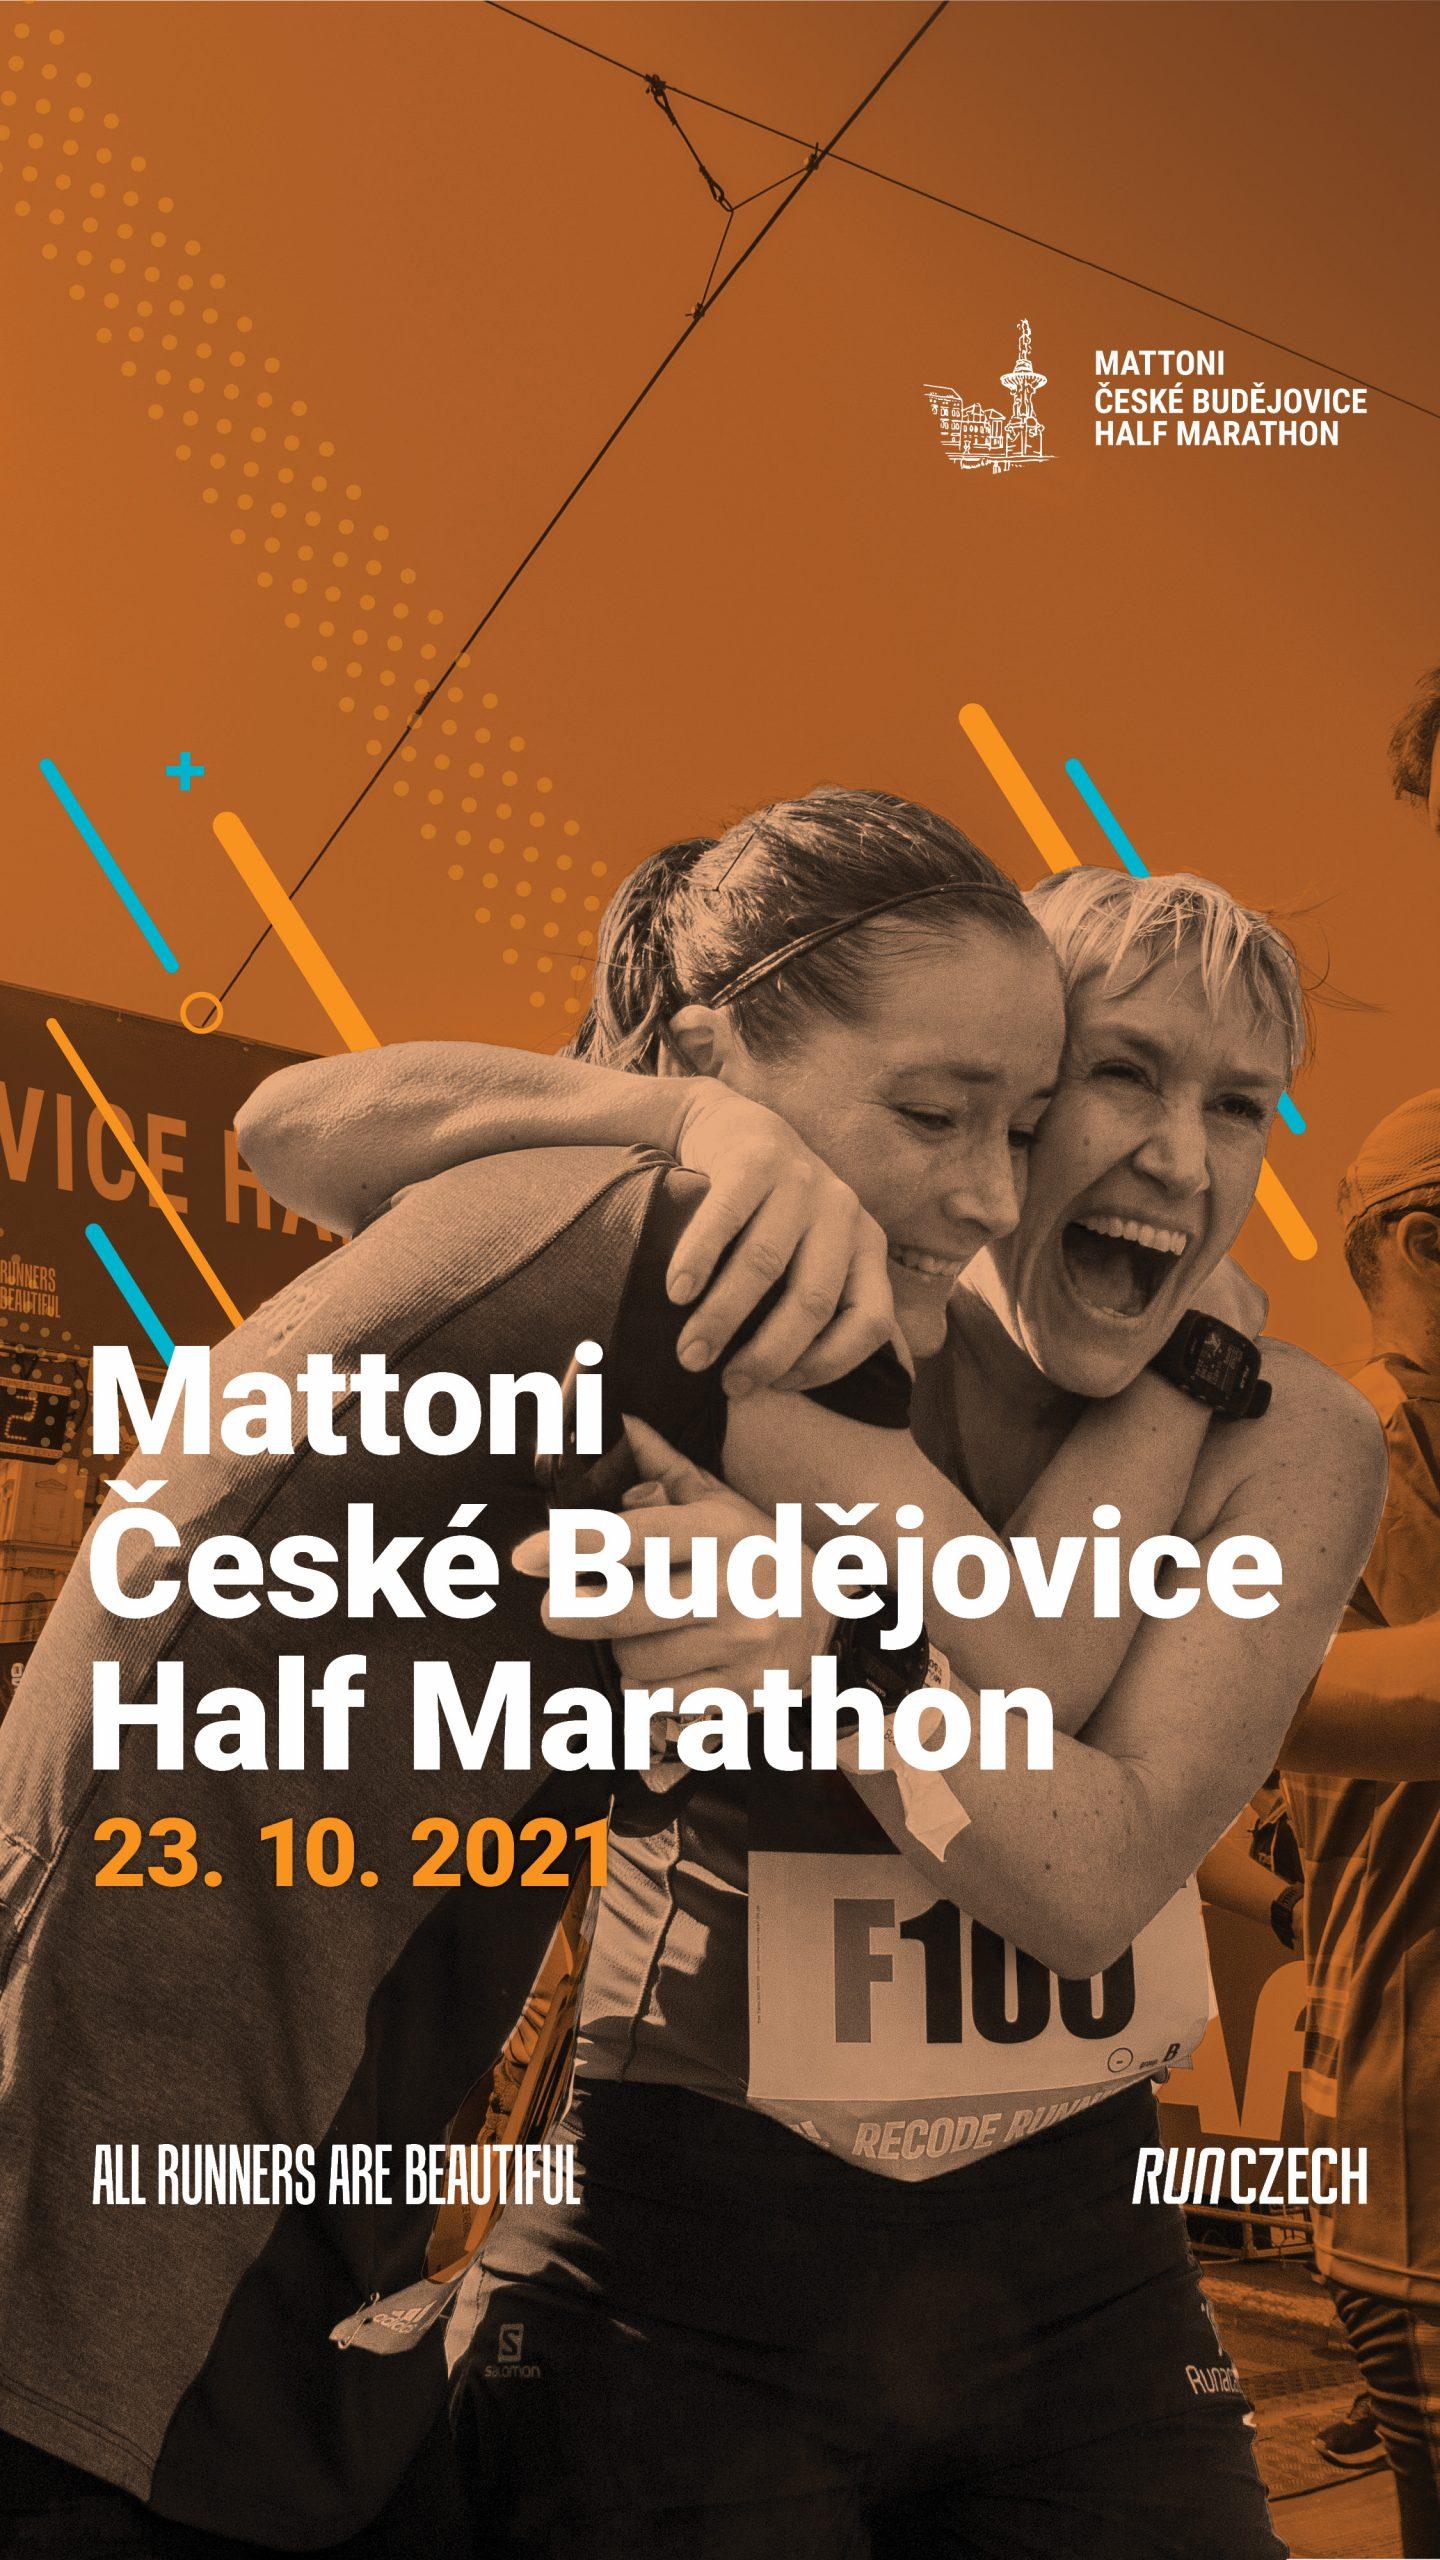 Zapoj se do soutěže a vyhraj startovné na závod RunCzech v Českých Budějovicích!